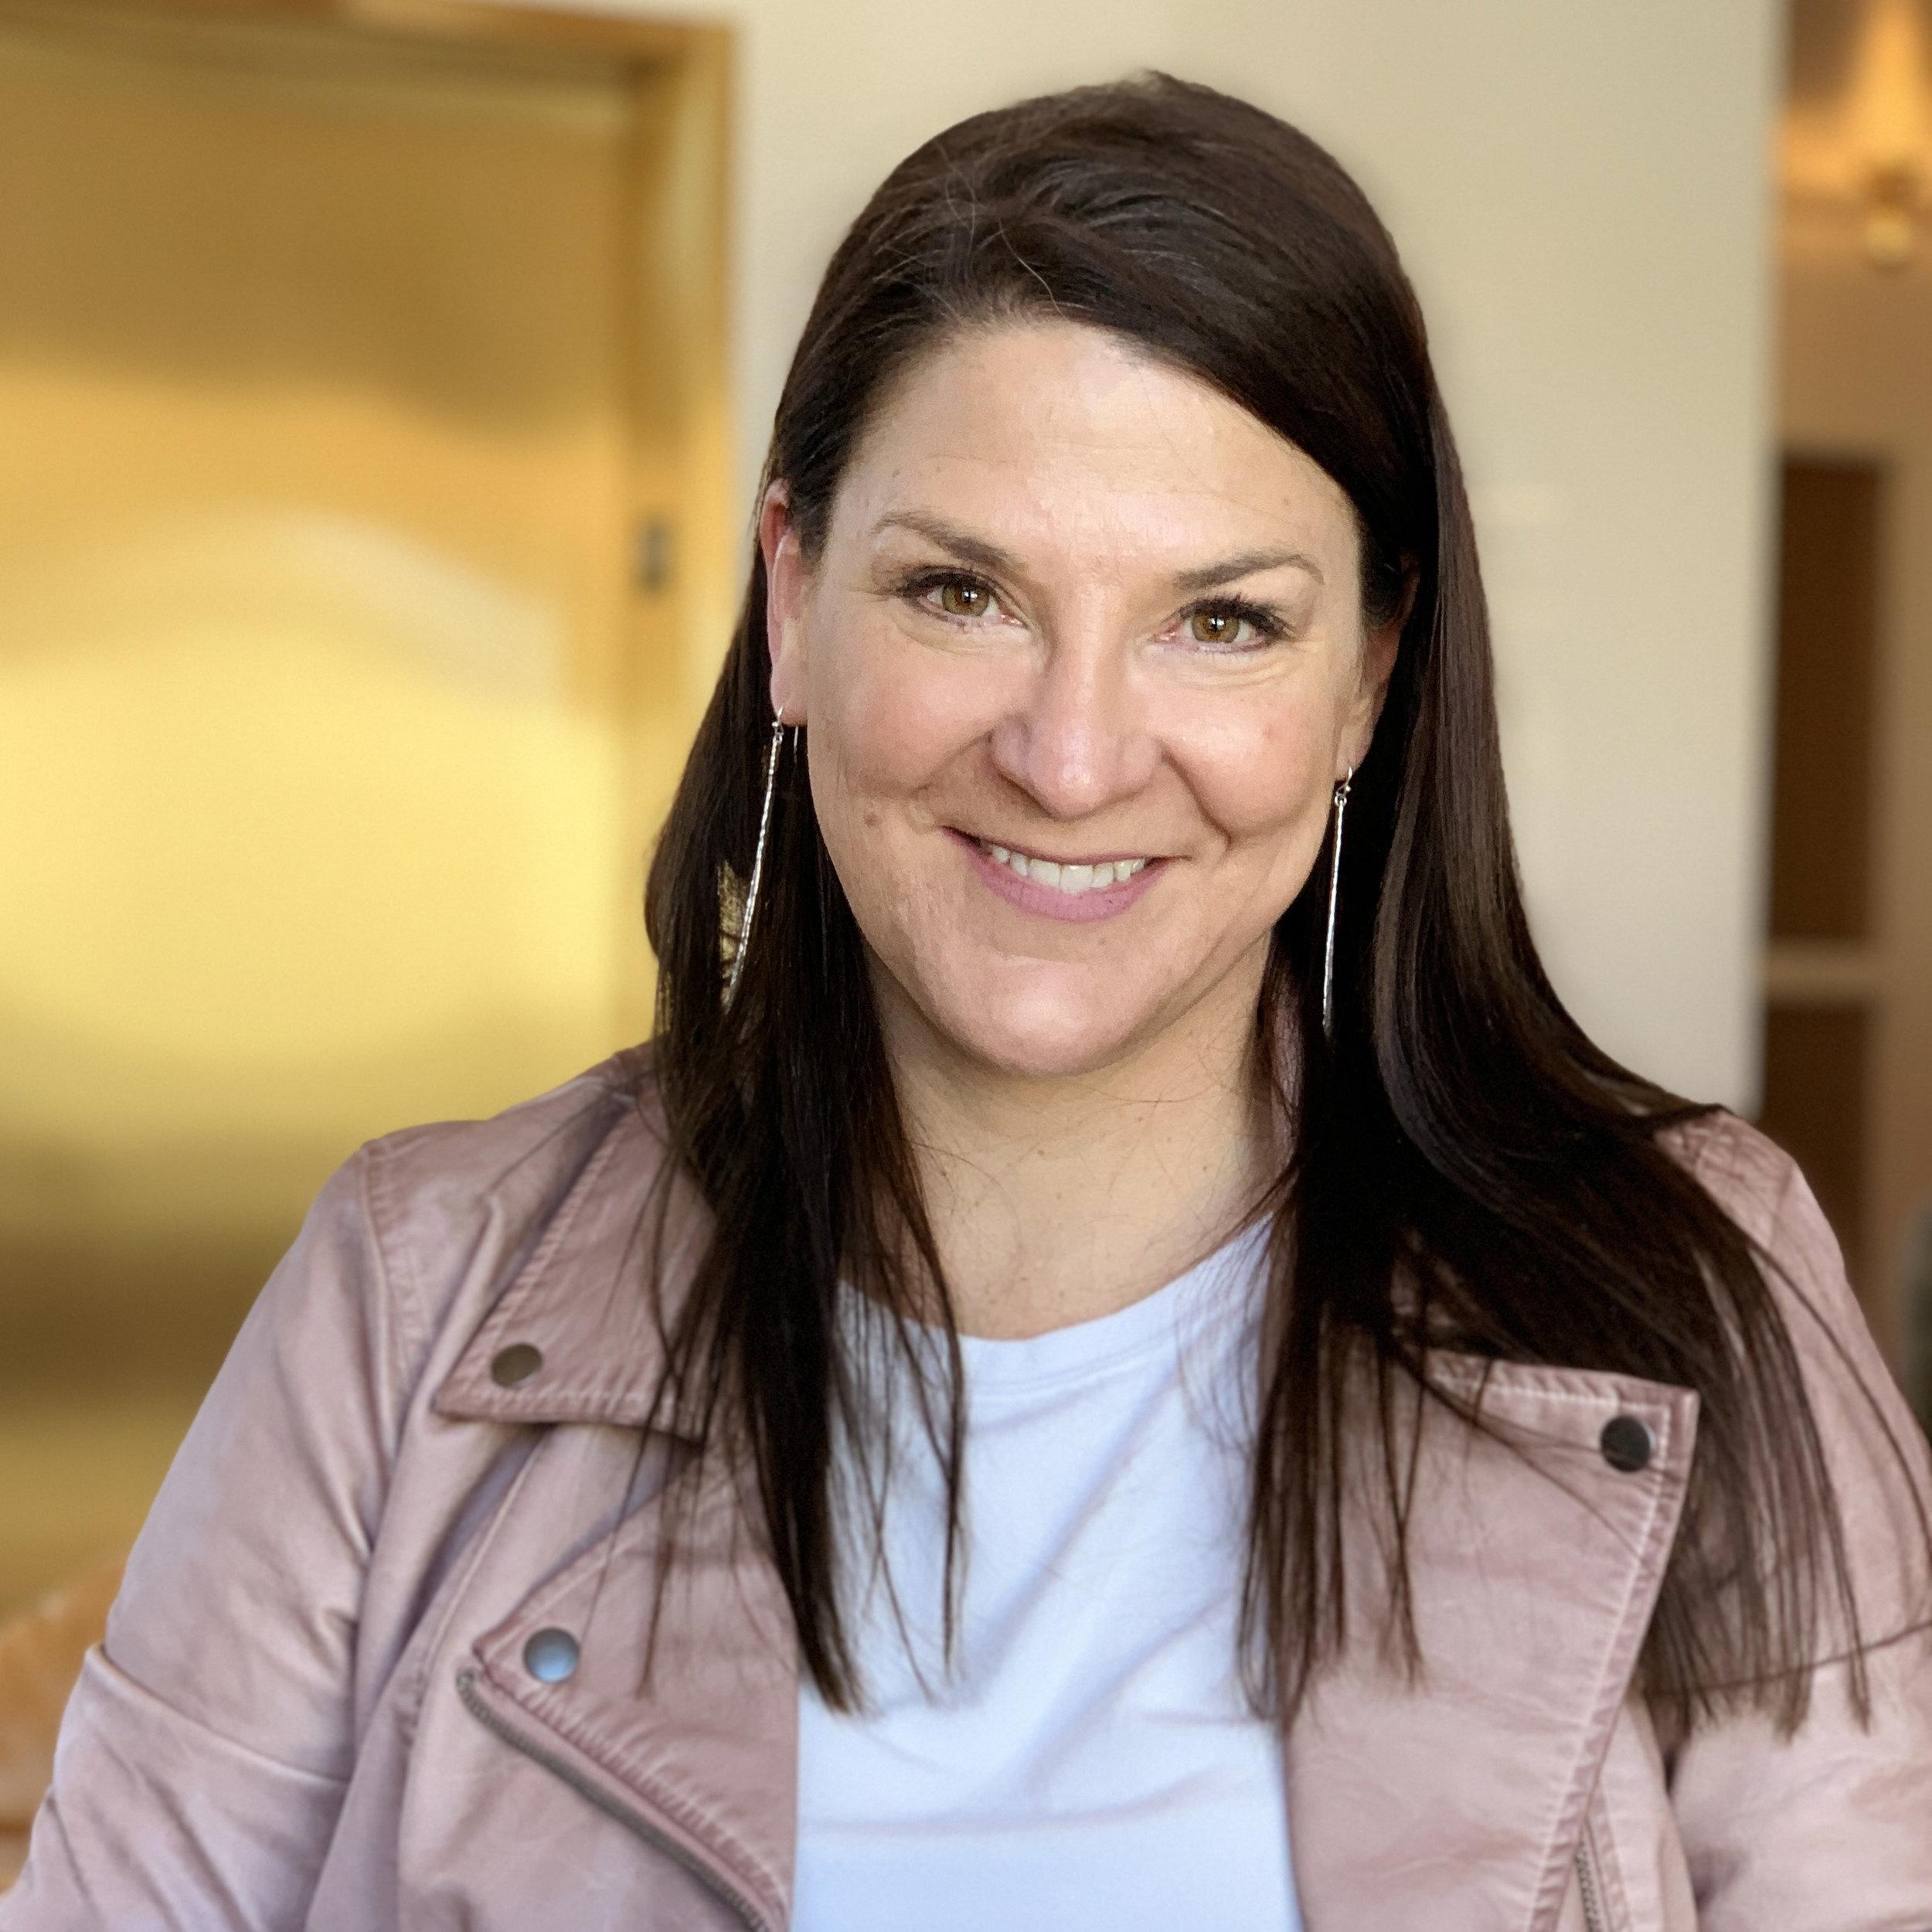 Lisa Duetsch